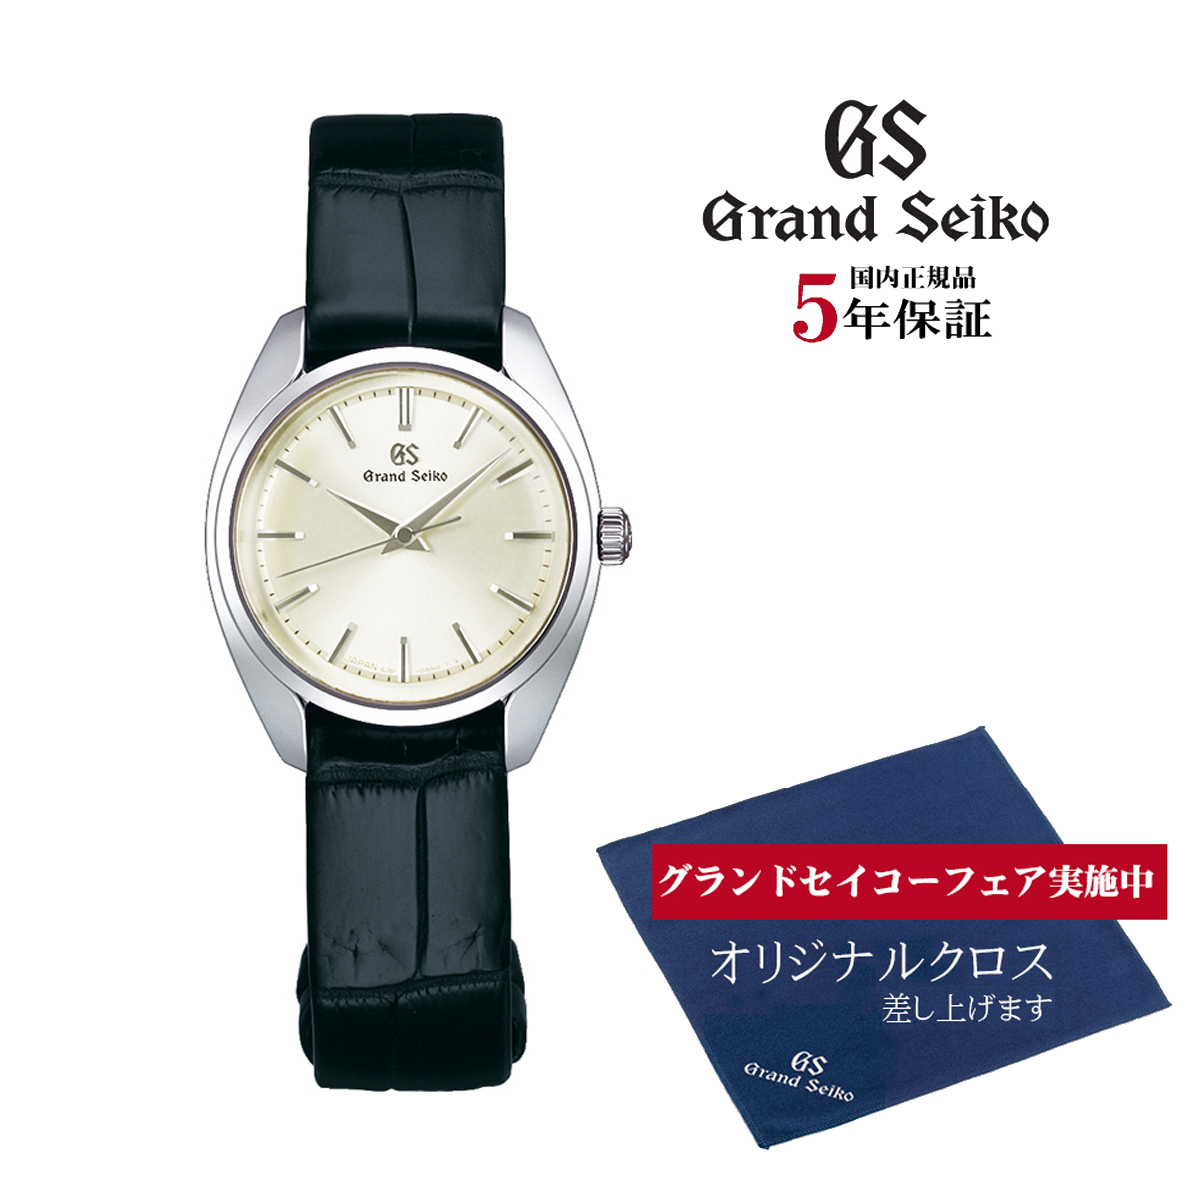 グランドセイコー Grand Seiko 正規メーカー保証3年 STGF337 クォーツモデル 正規品 腕時計